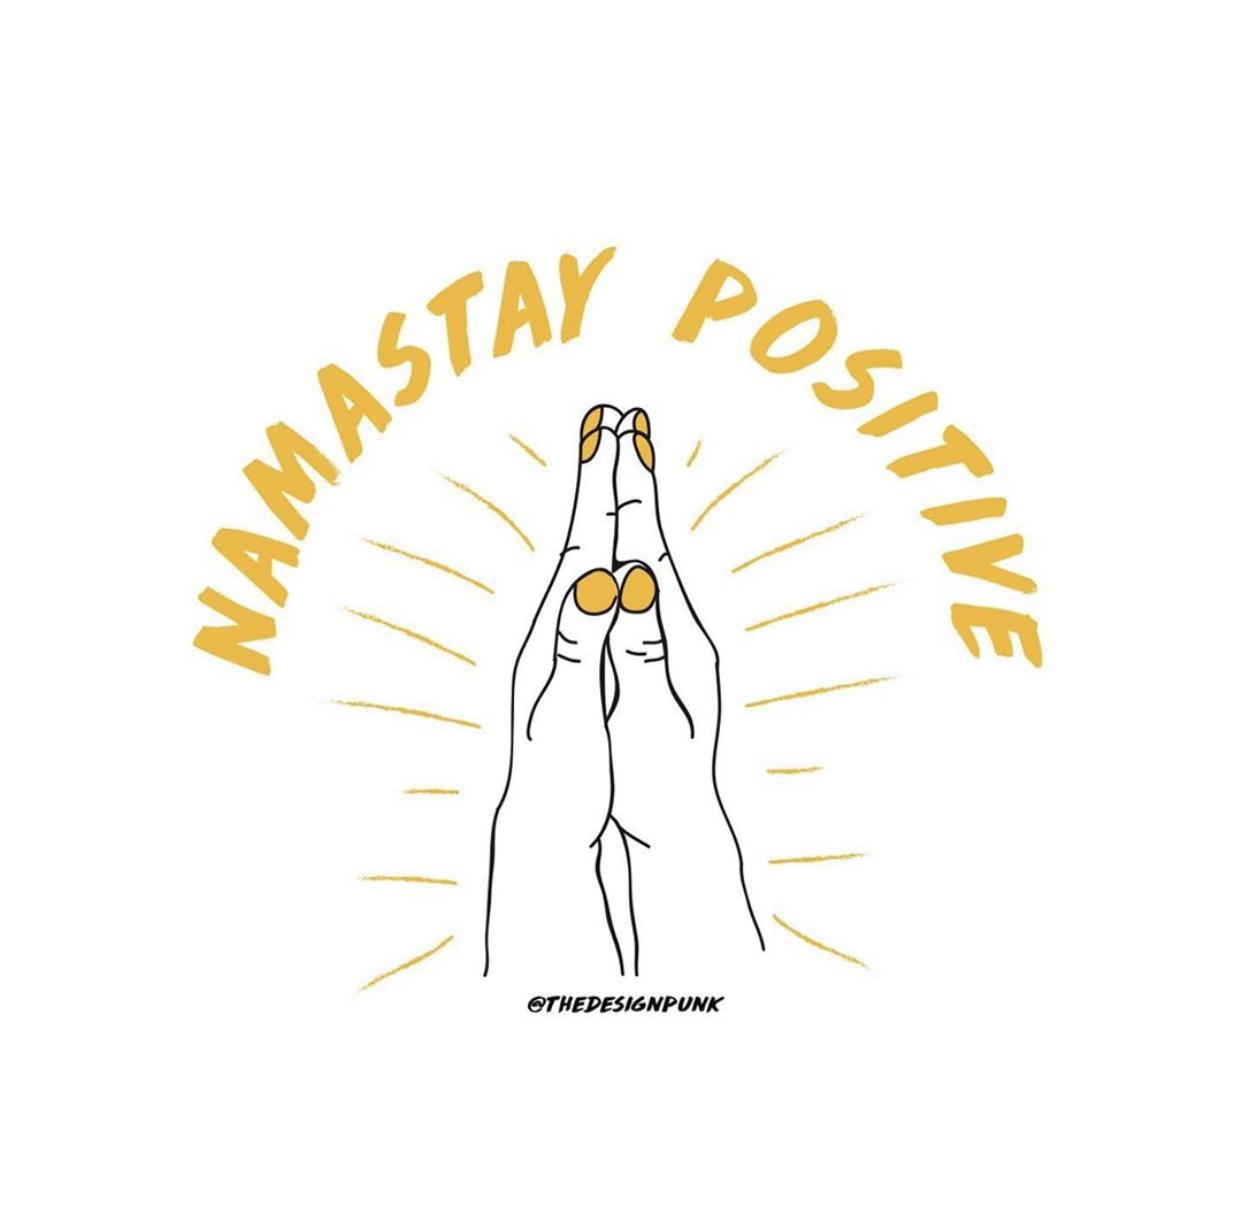 NAMASTAY POSITIVE